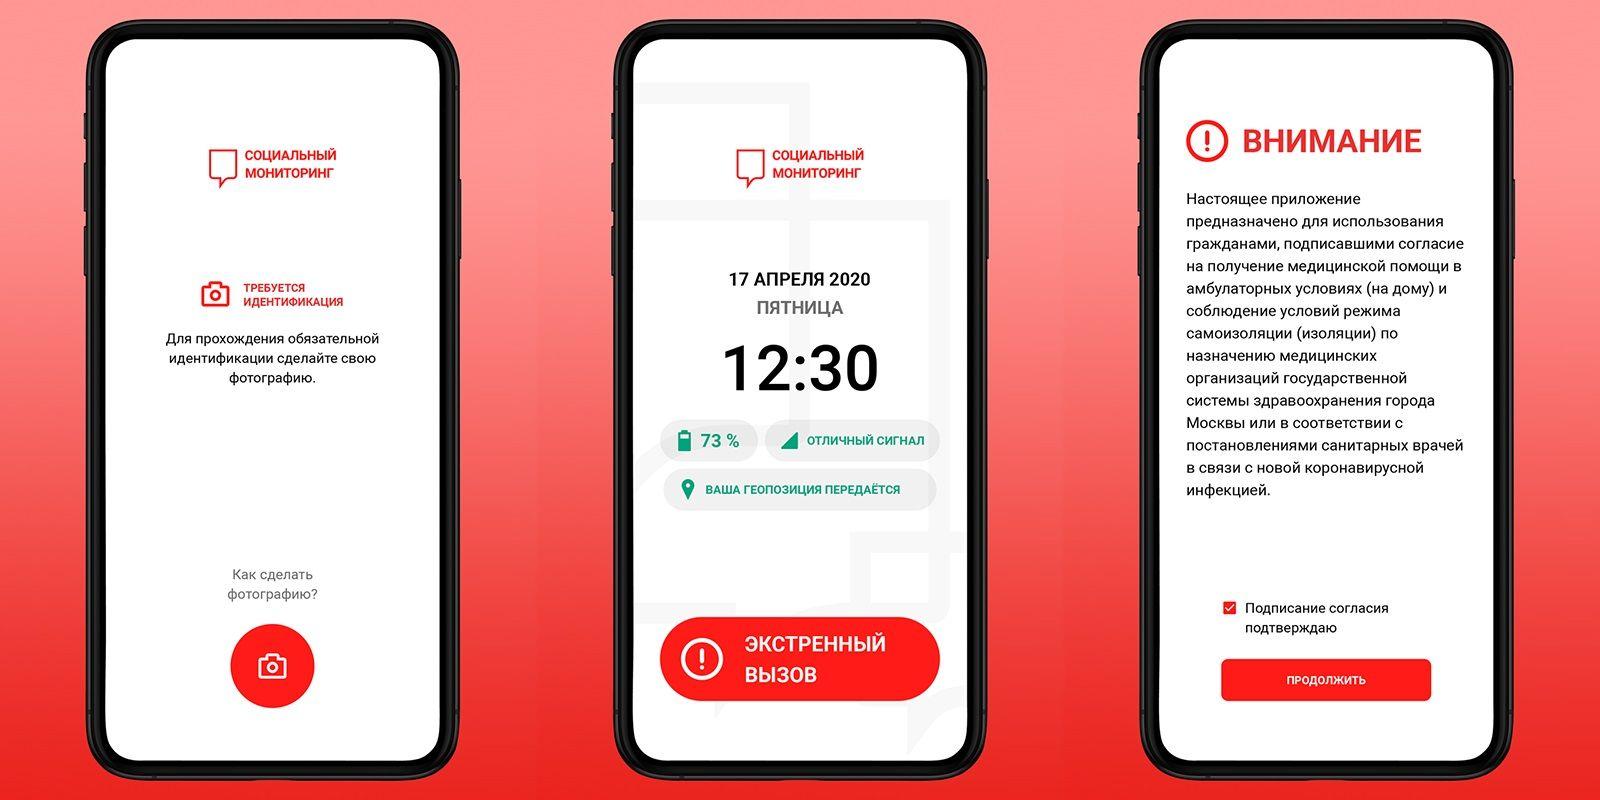 """Приложение """"Социальный мониторинг"""", скрин экрана. Фото: mos.ru"""